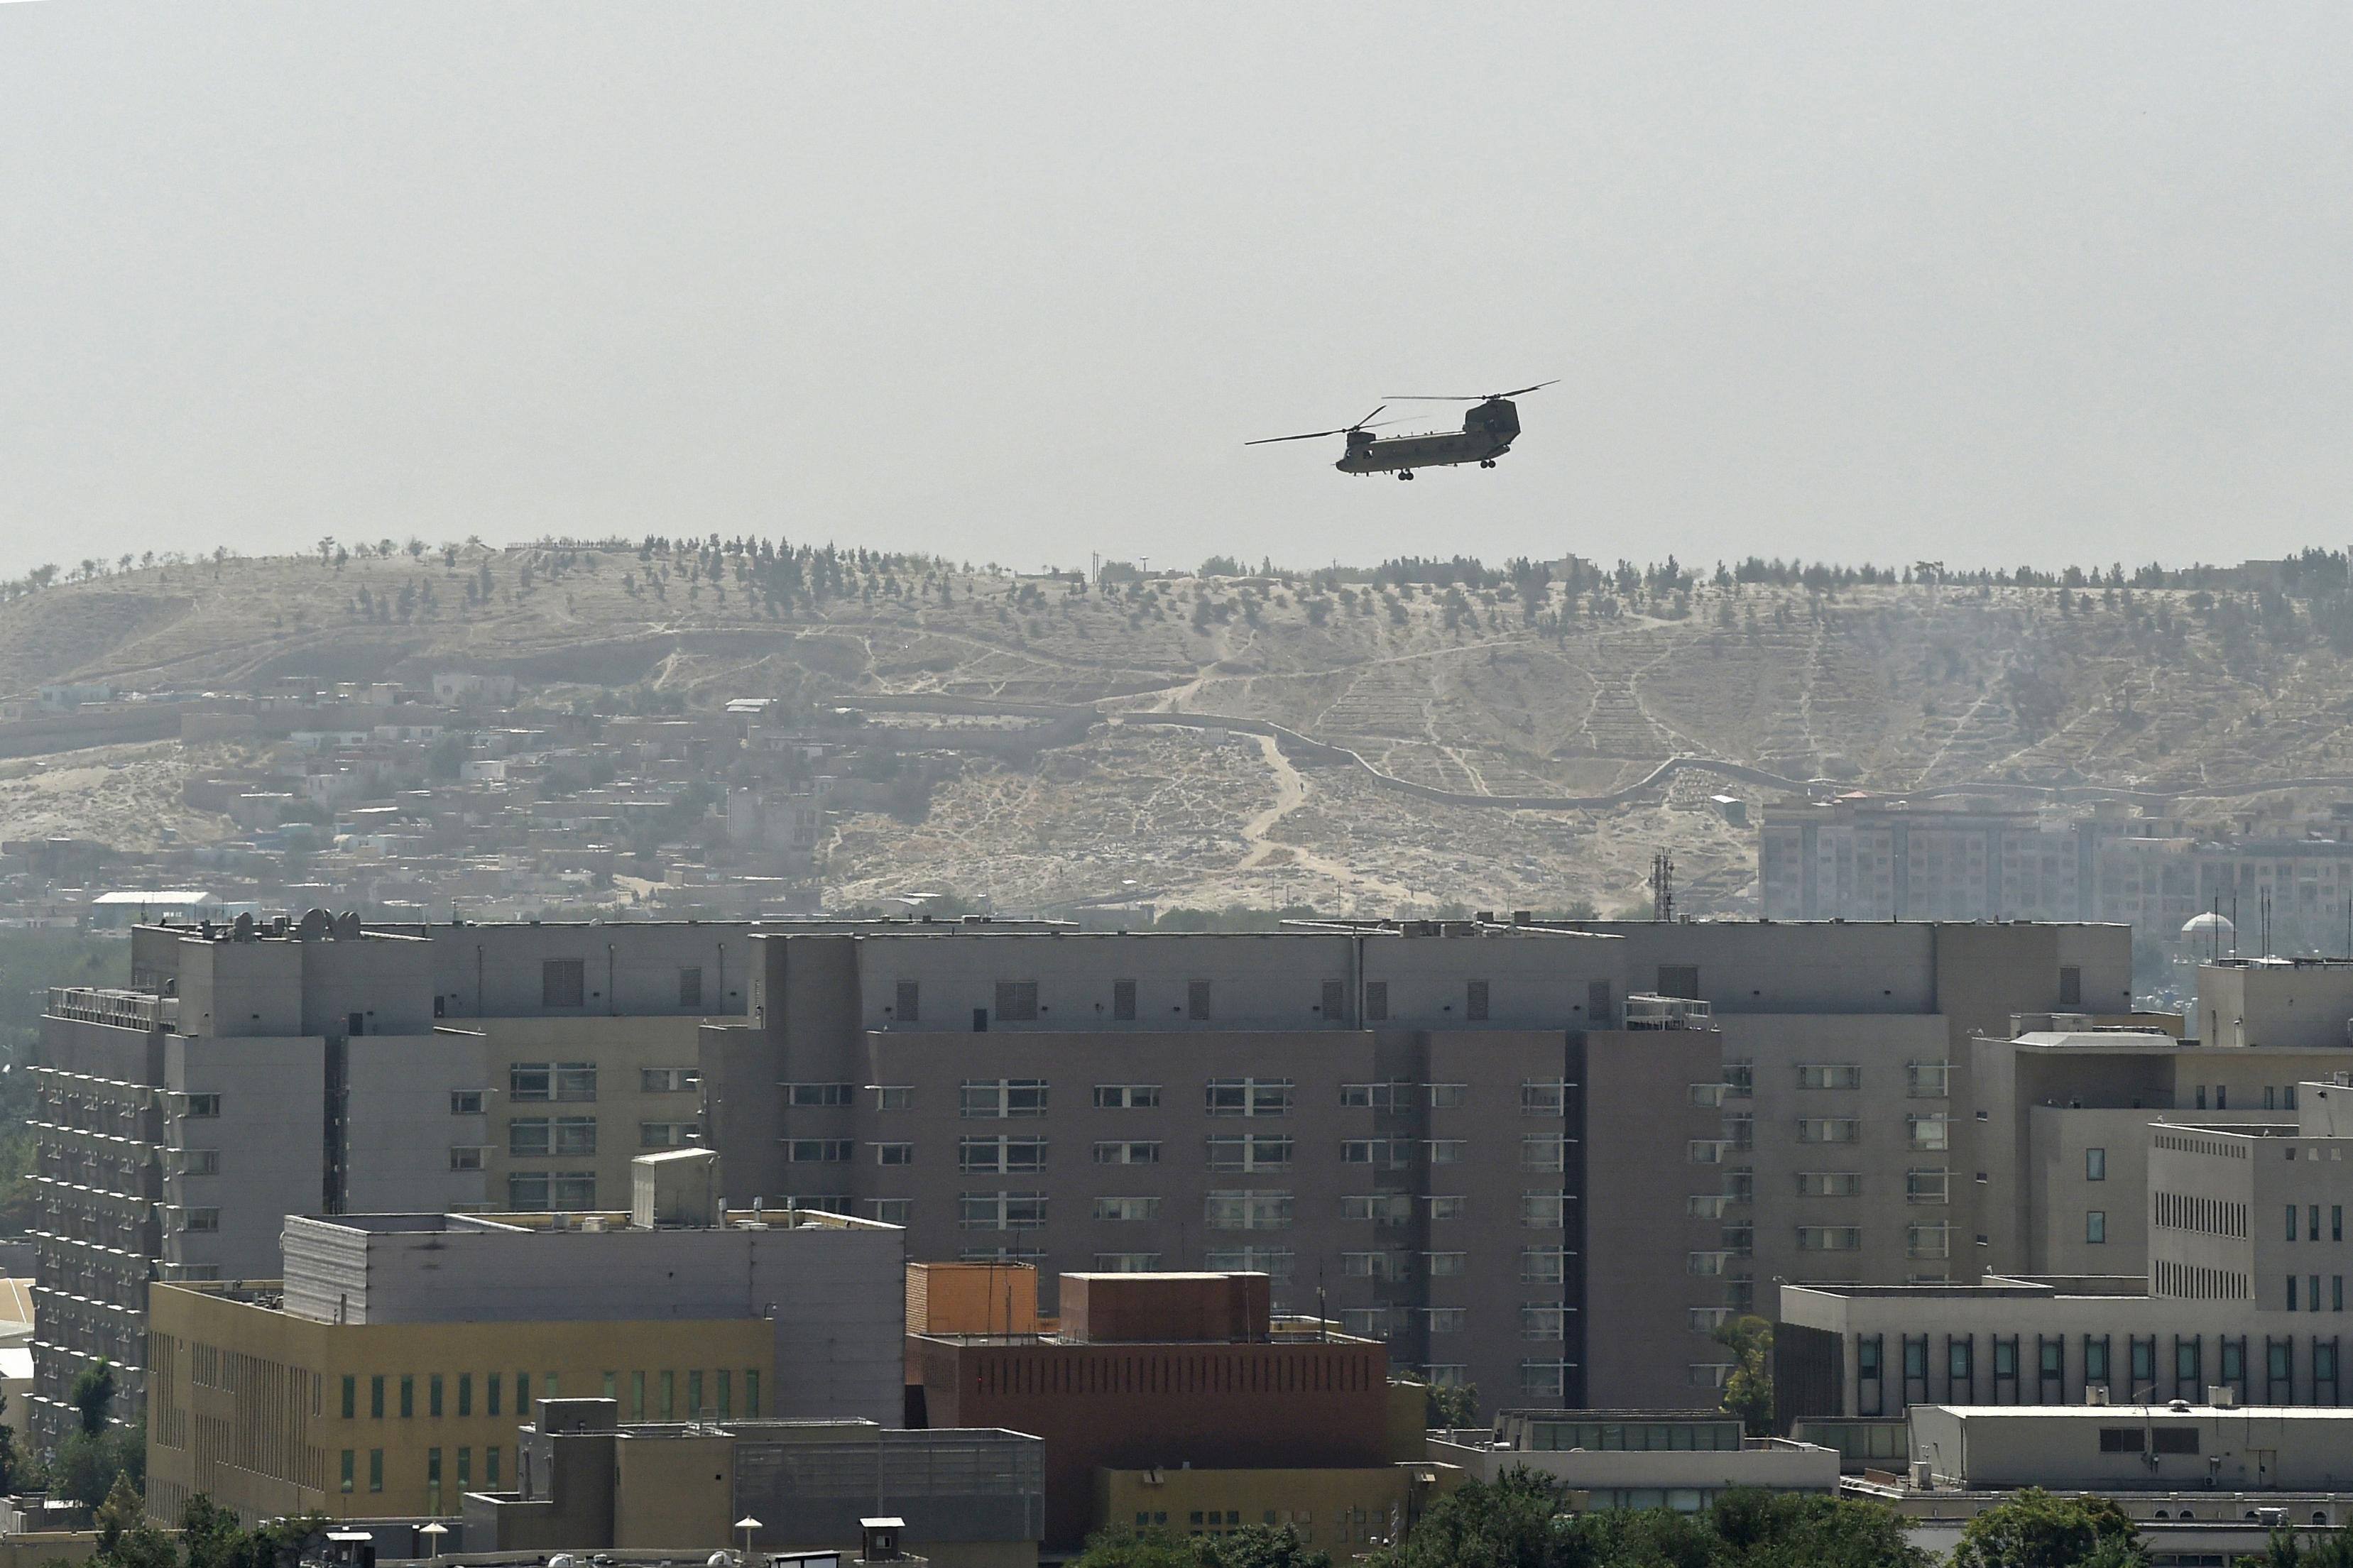 Biden egy hónapja még kizártnak tartotta, hogy helikopterrel kelljen majd menekíteni az amerikai követség alkalmazottait a tálibok miatt